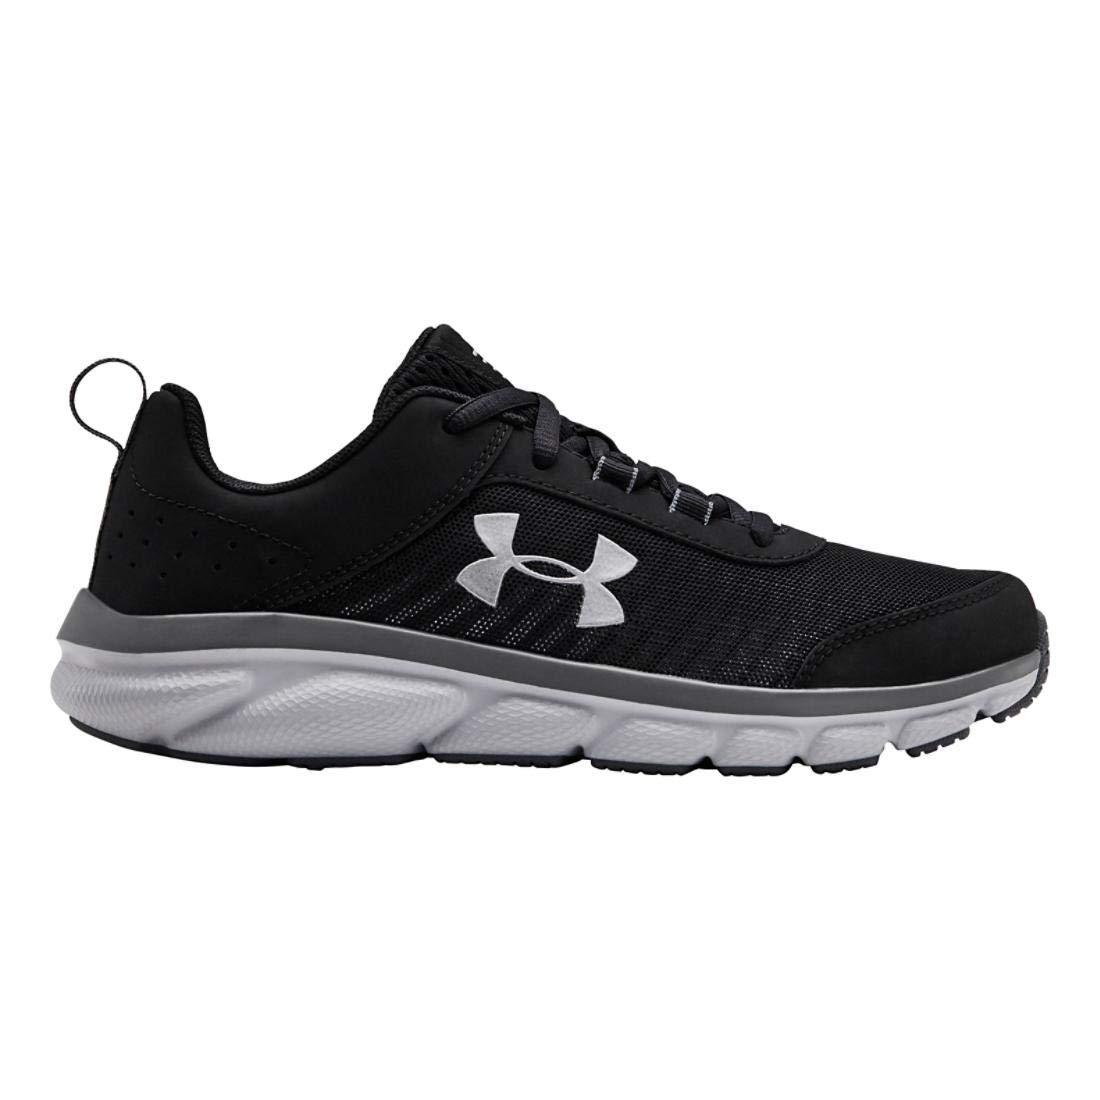 Under Armour Kids' Grade School Assert 8 Sneaker, Black (001)/Pitch Gray, 6